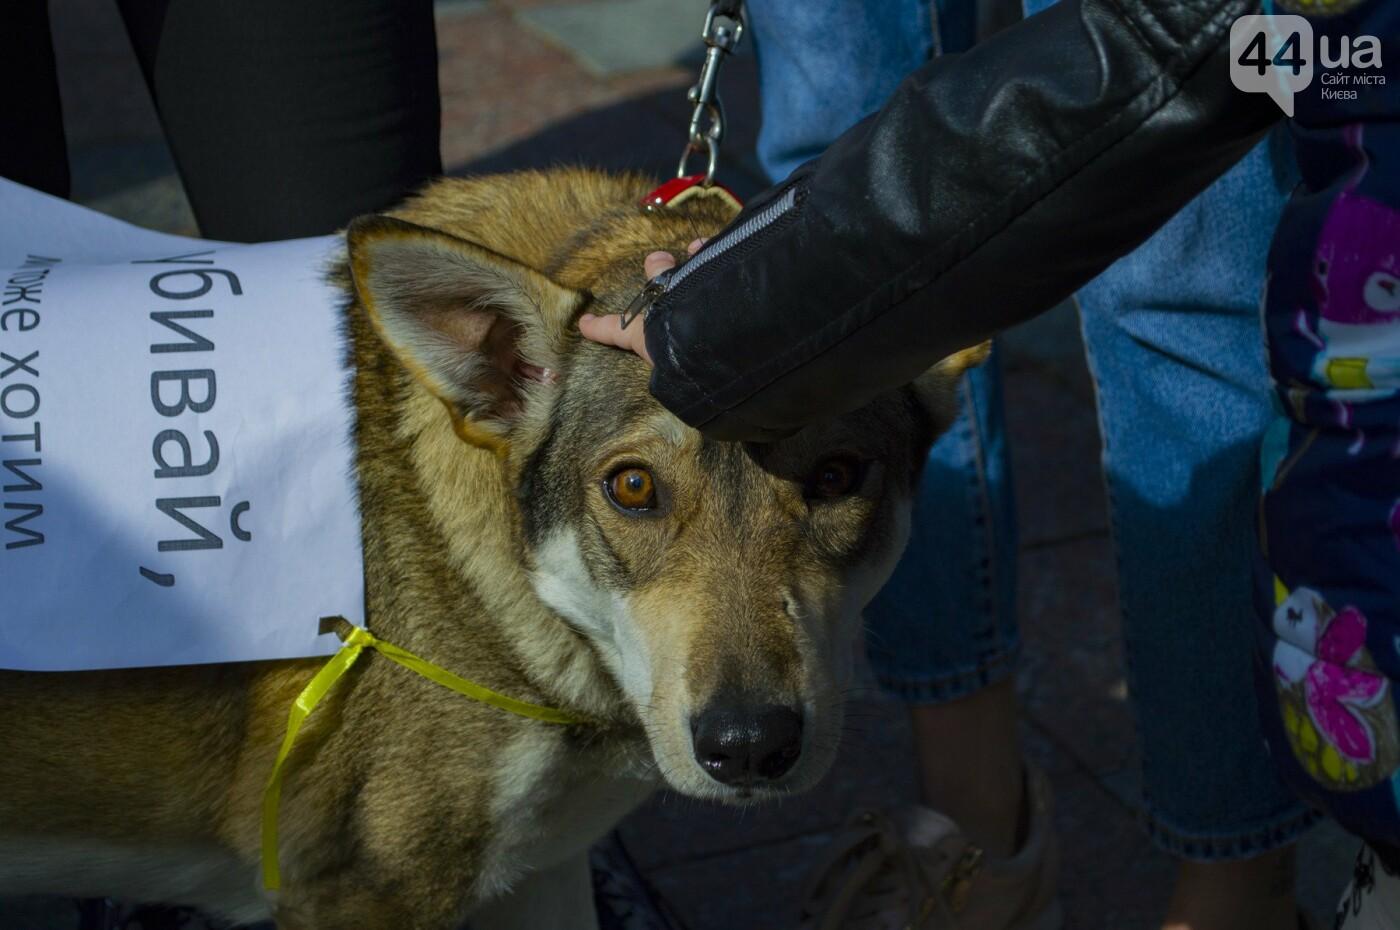 Собаки, коты и хомячки: в Киеве прошла акция за права животных, - ФОТОРЕПОРТАЖ, фото-24